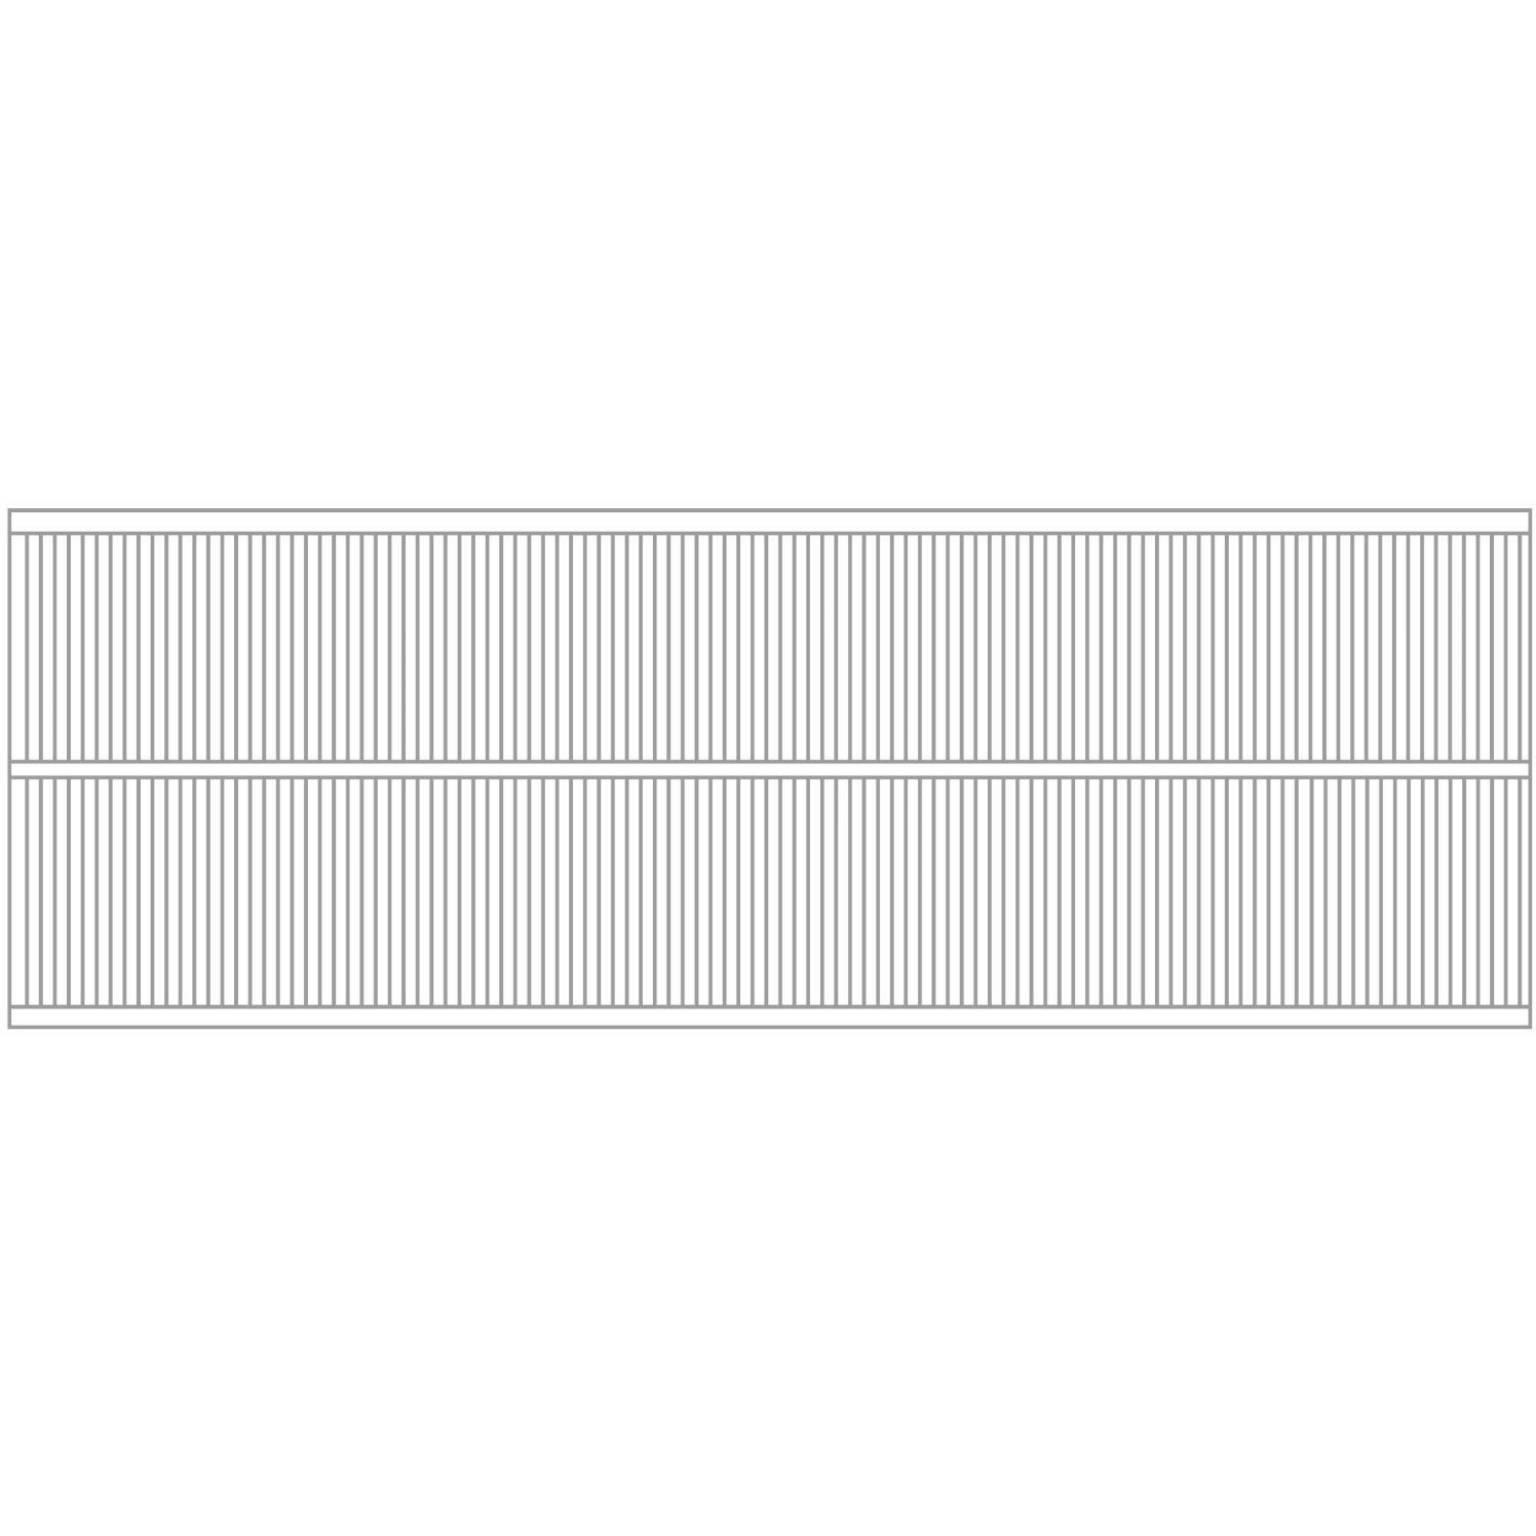 Paperwall | Duralmond